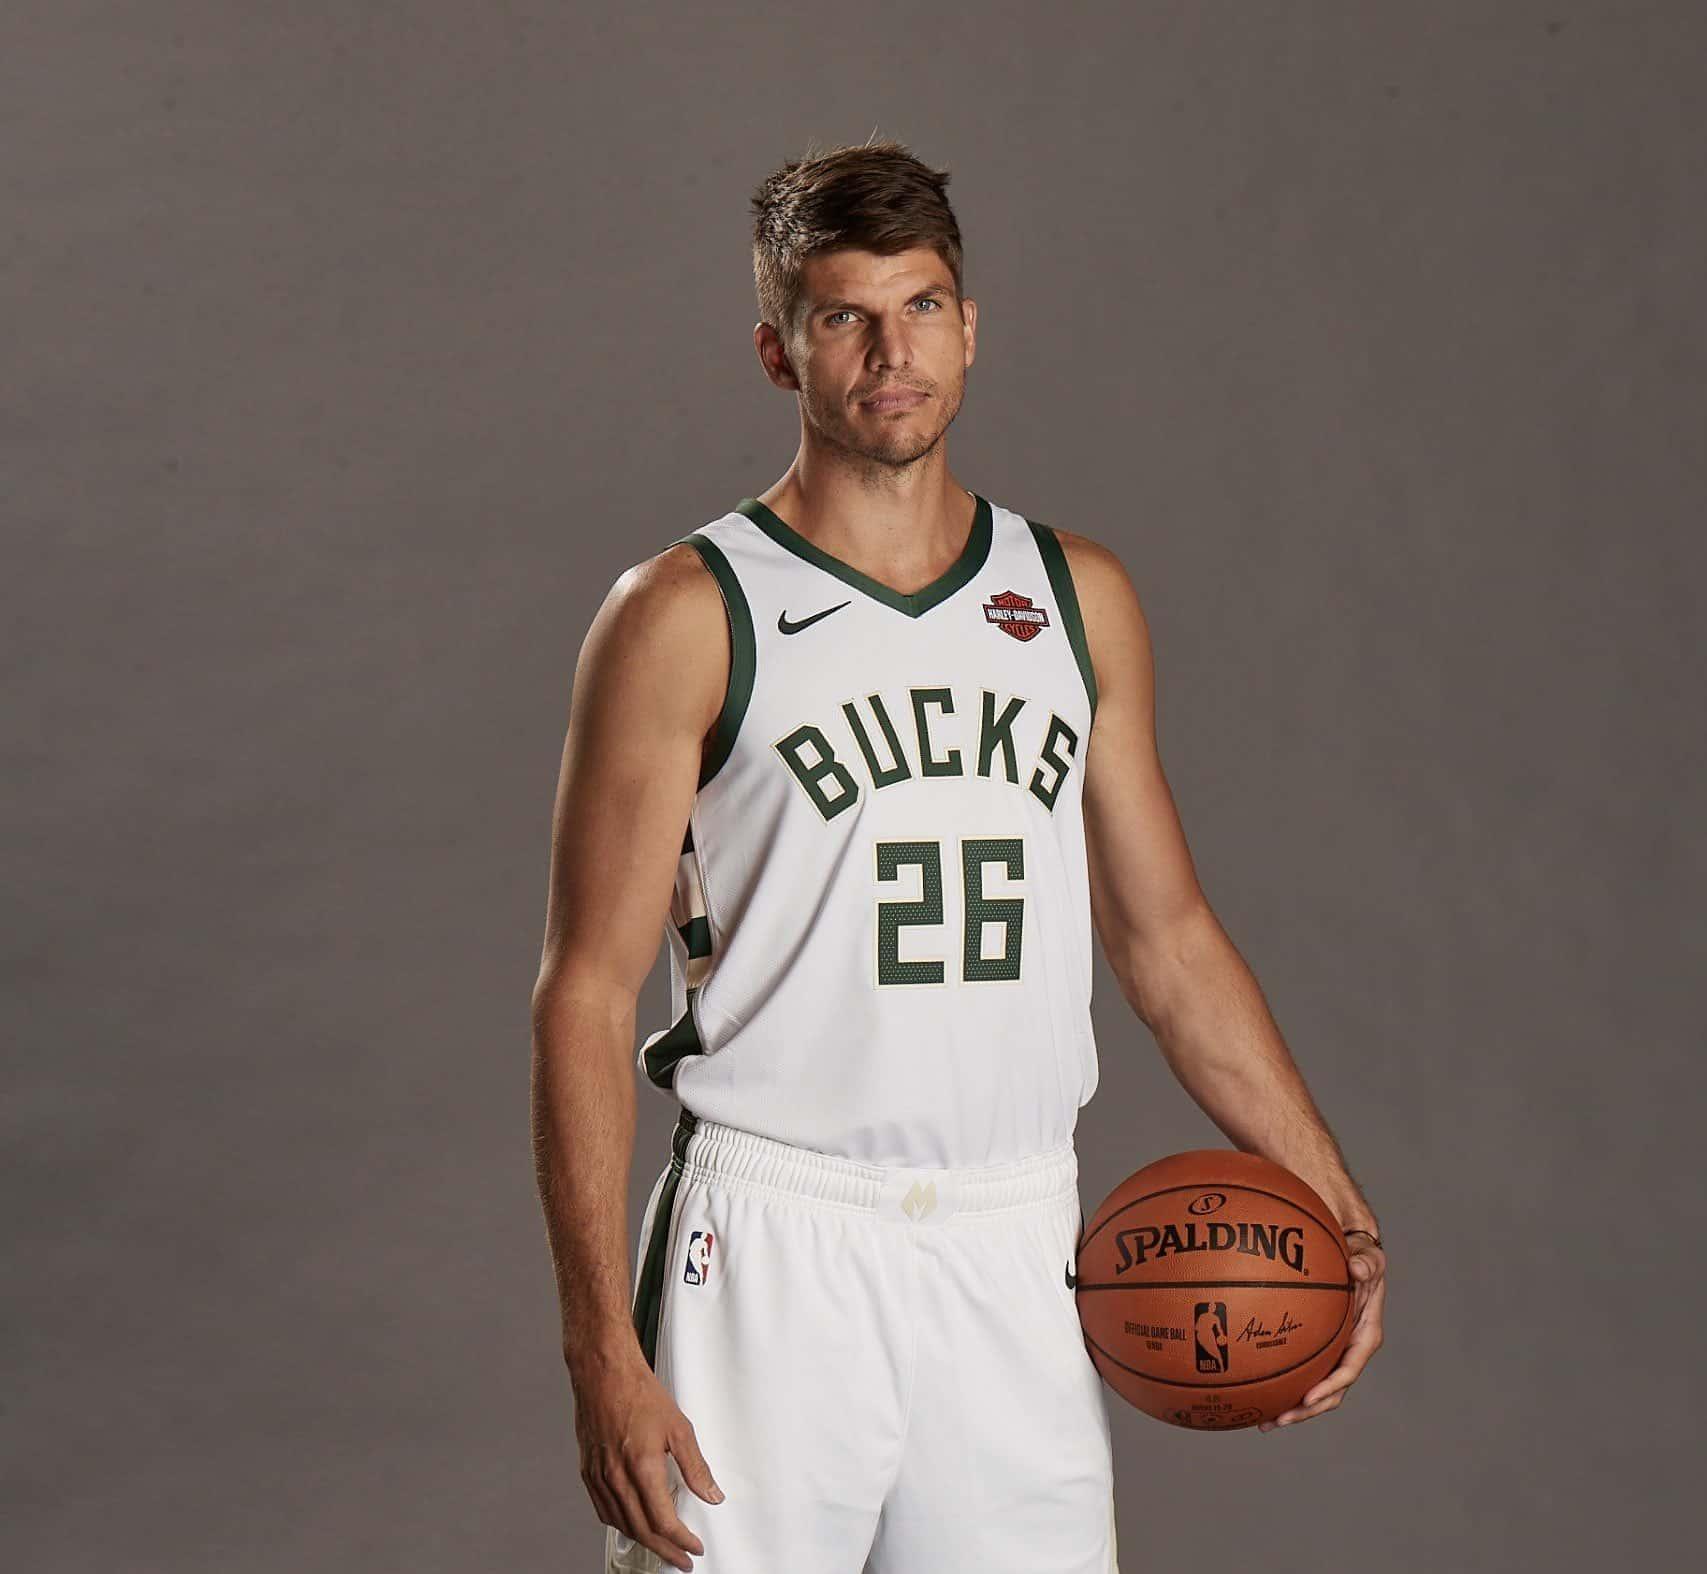 Kyle Korver as a member of the Bucks